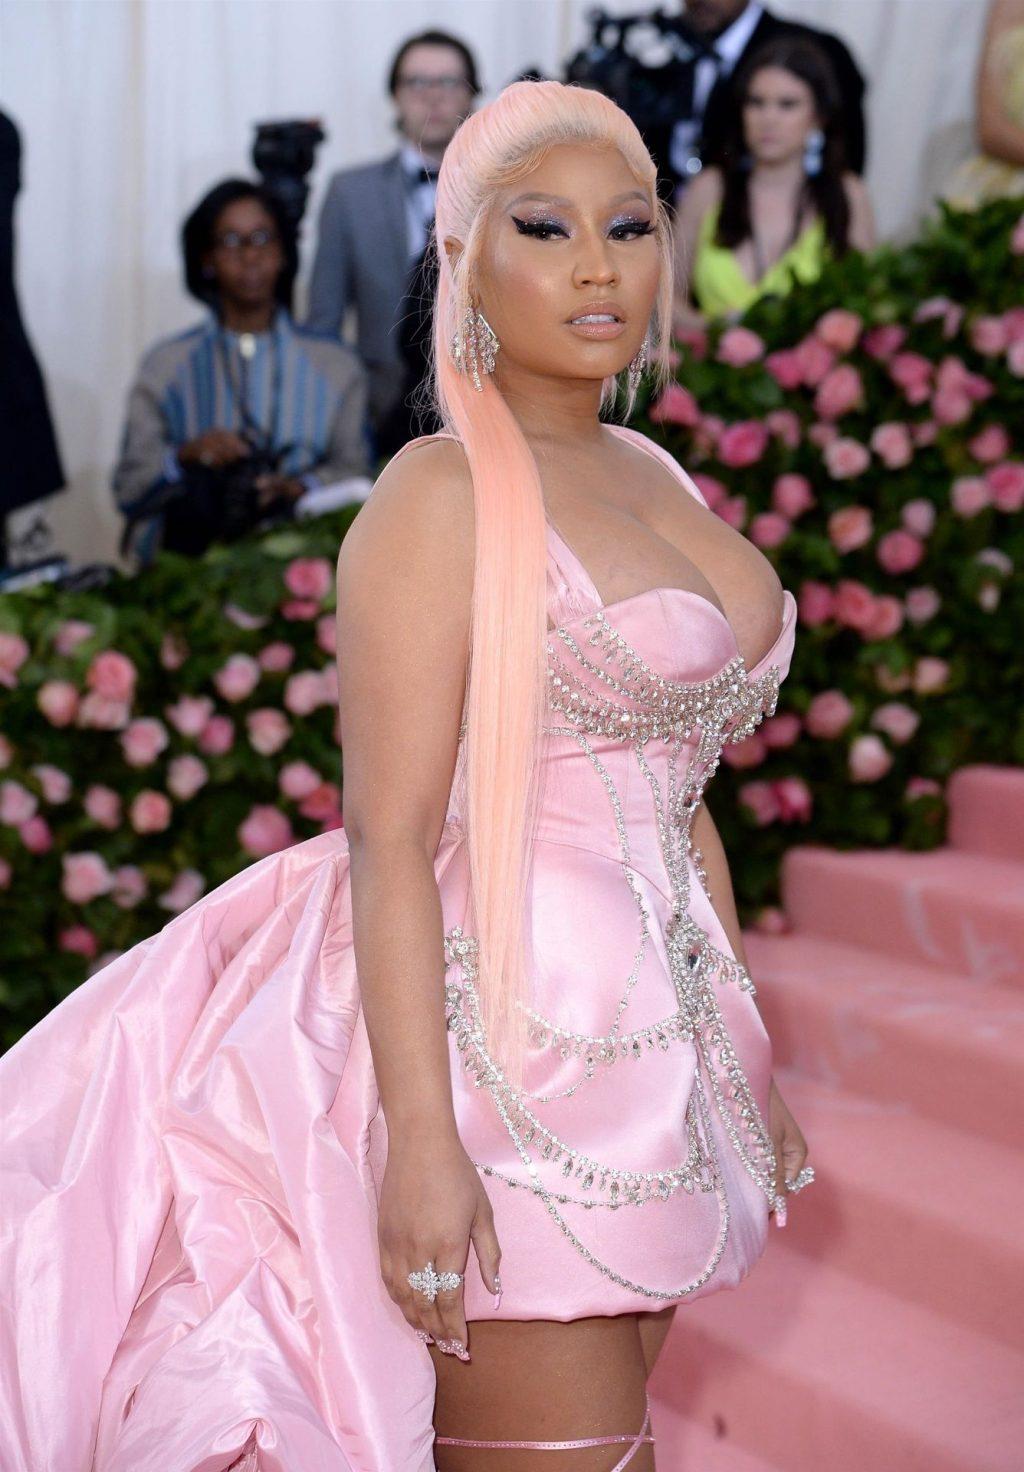 Nicki Minaj Cleavage